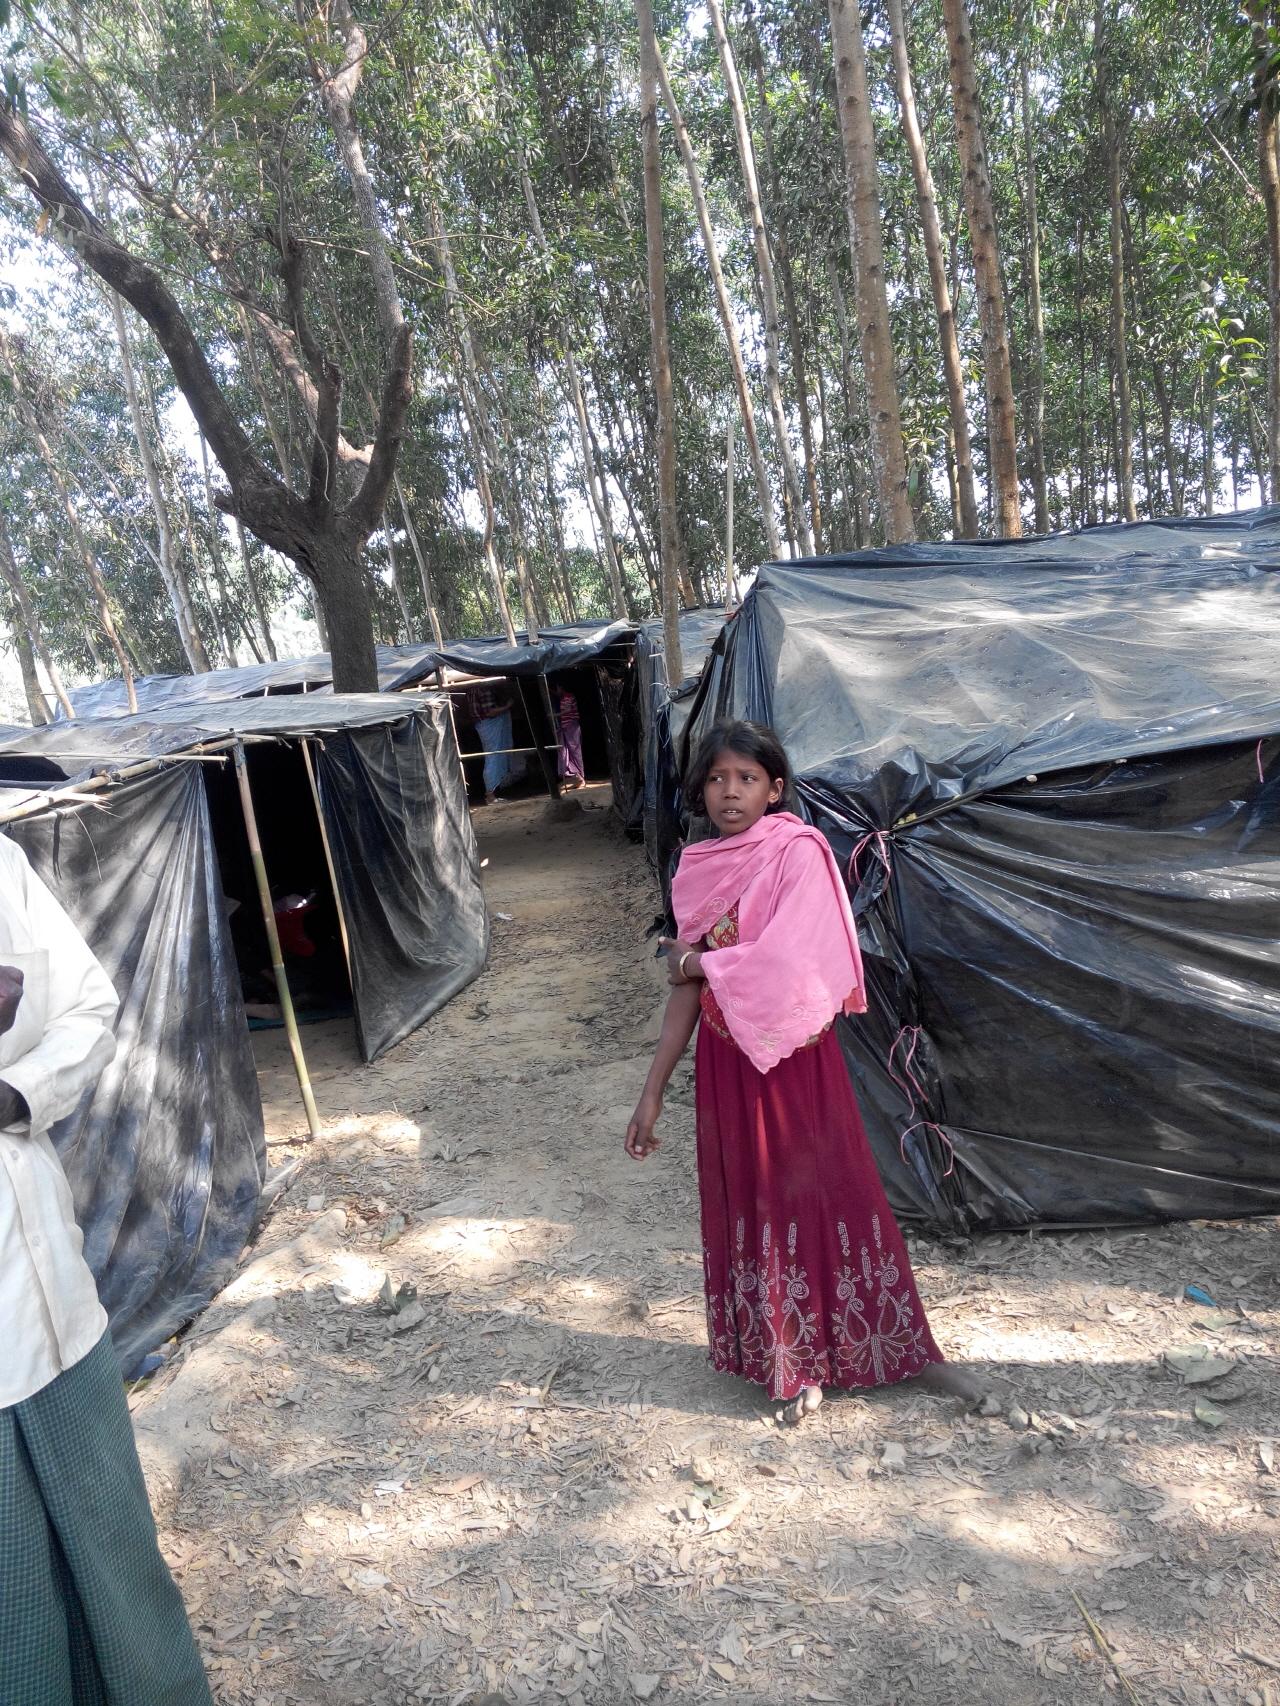 방글라데시 임시난민캠프 미얀마국경에 인접한 방글라데시 임시난민캠프 모습,